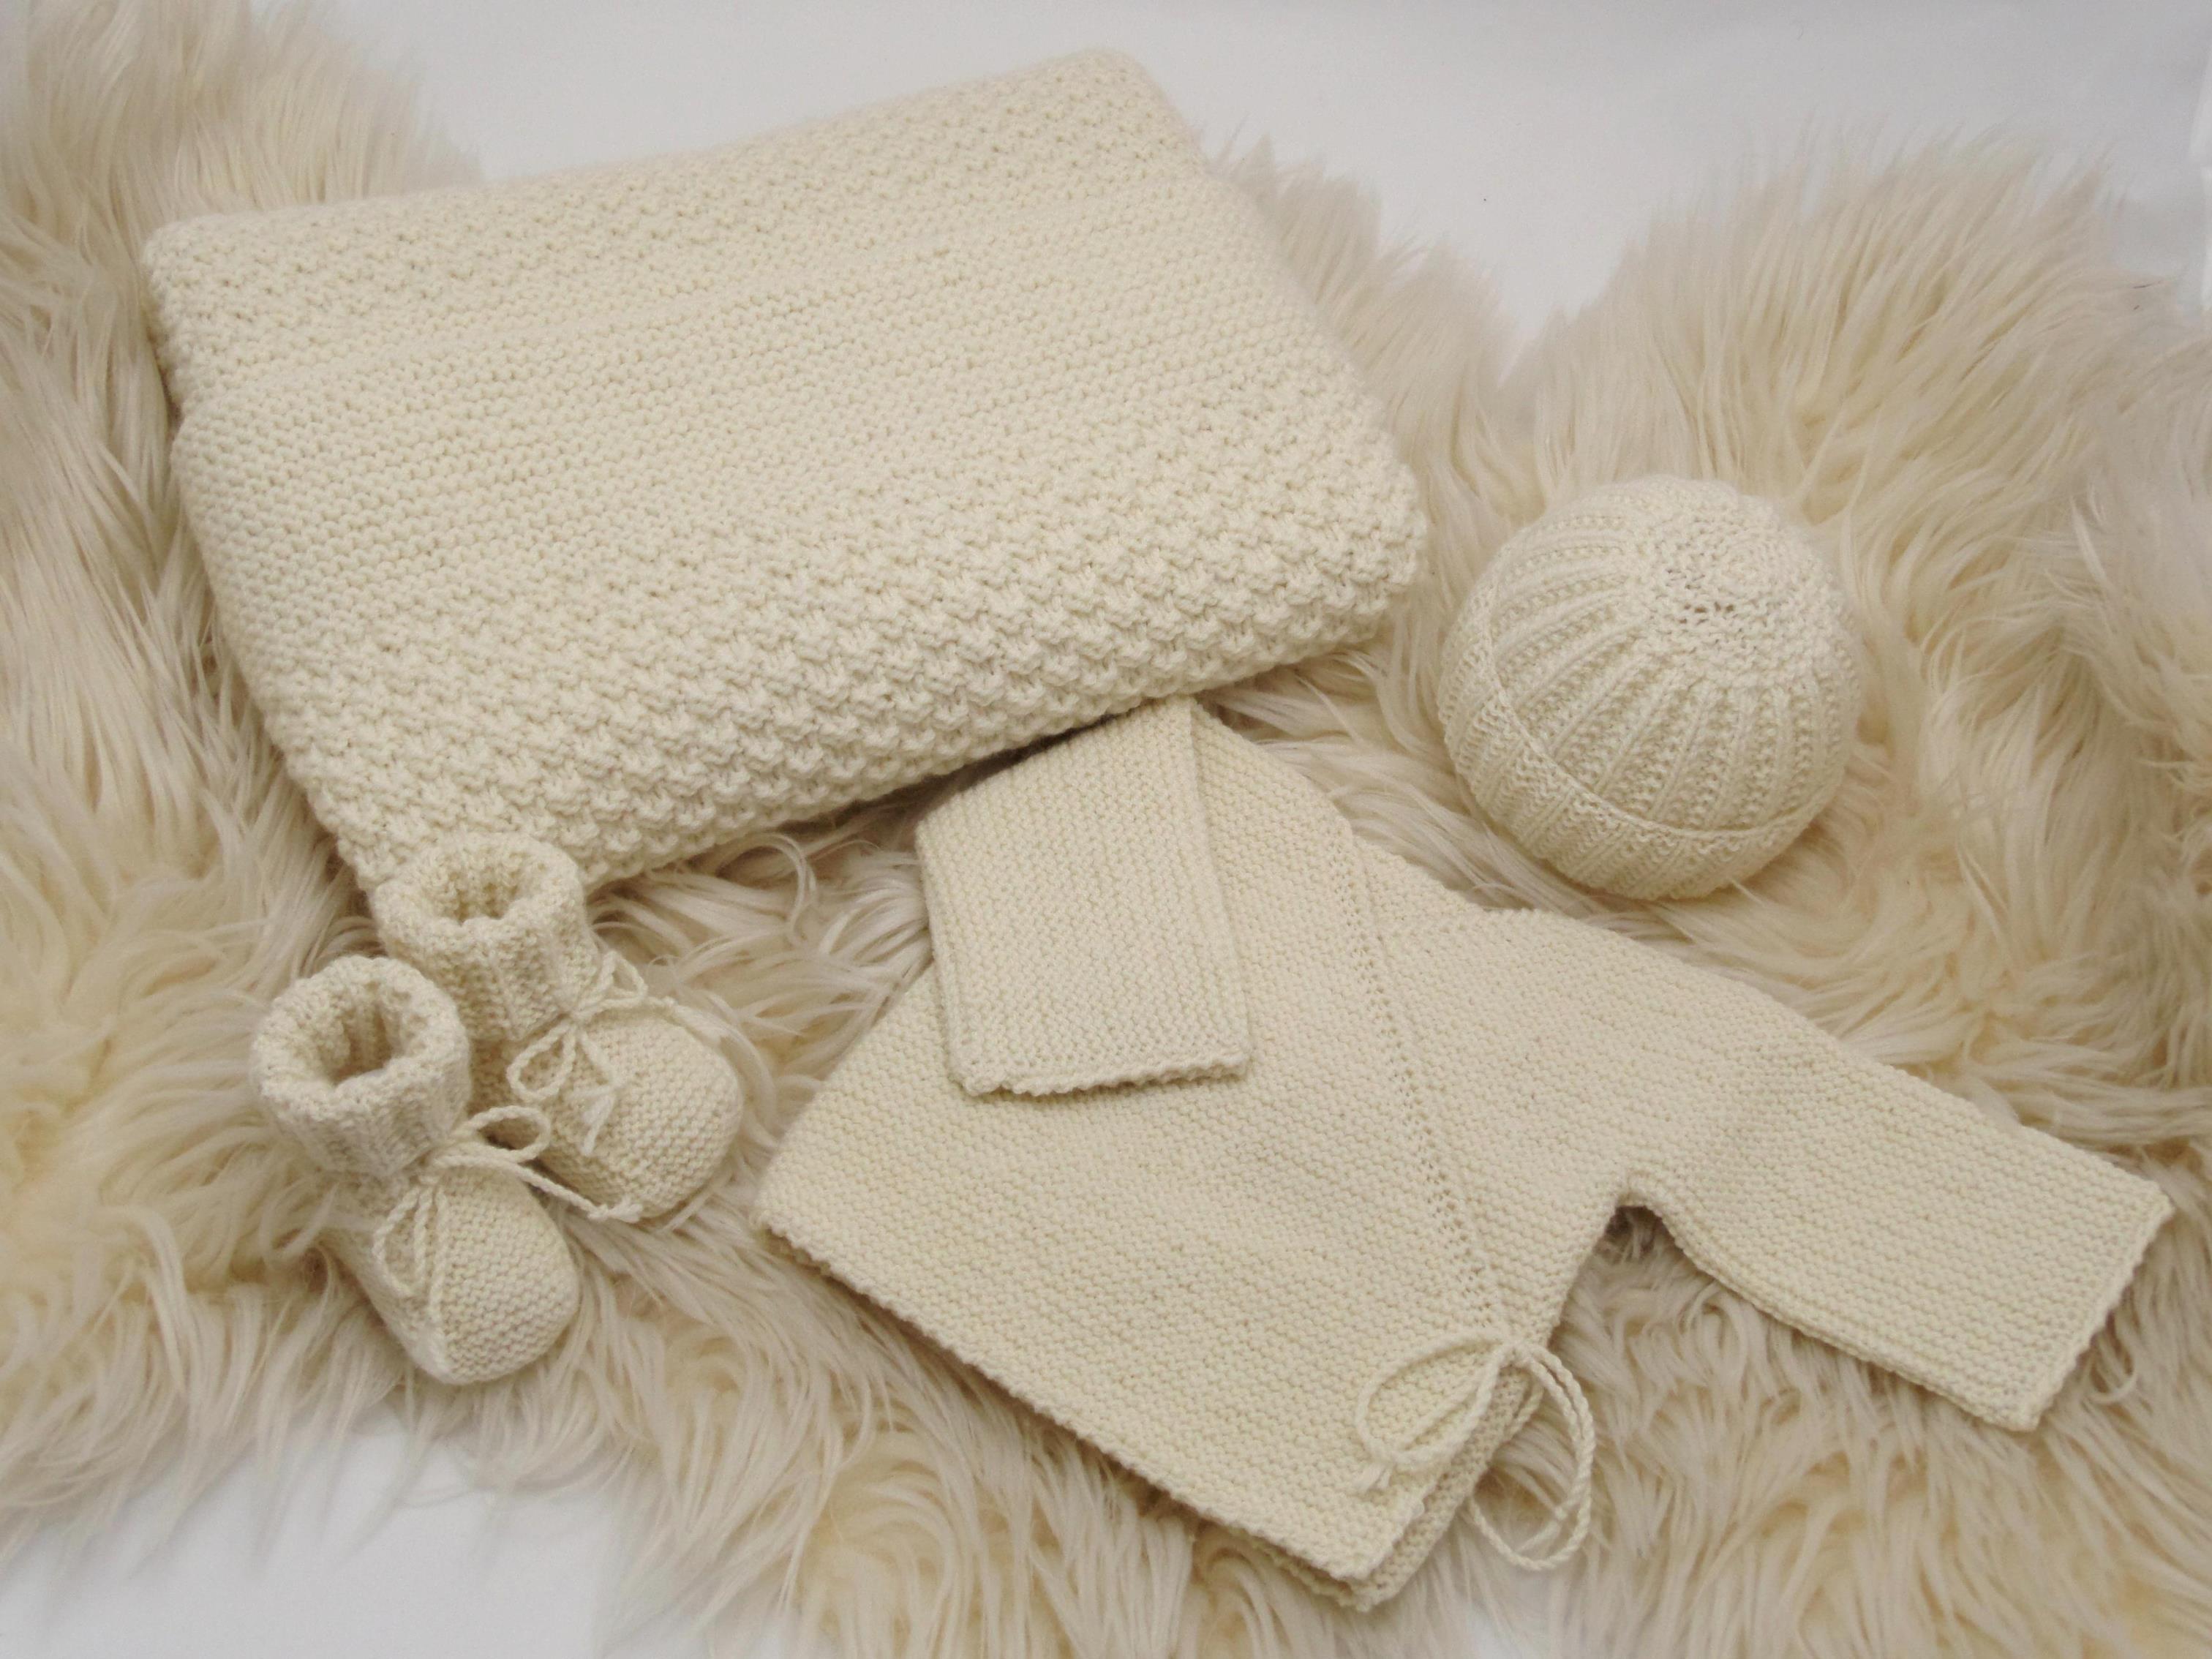 38adf04cdea67 Kit naissance laine vetement bebe laine